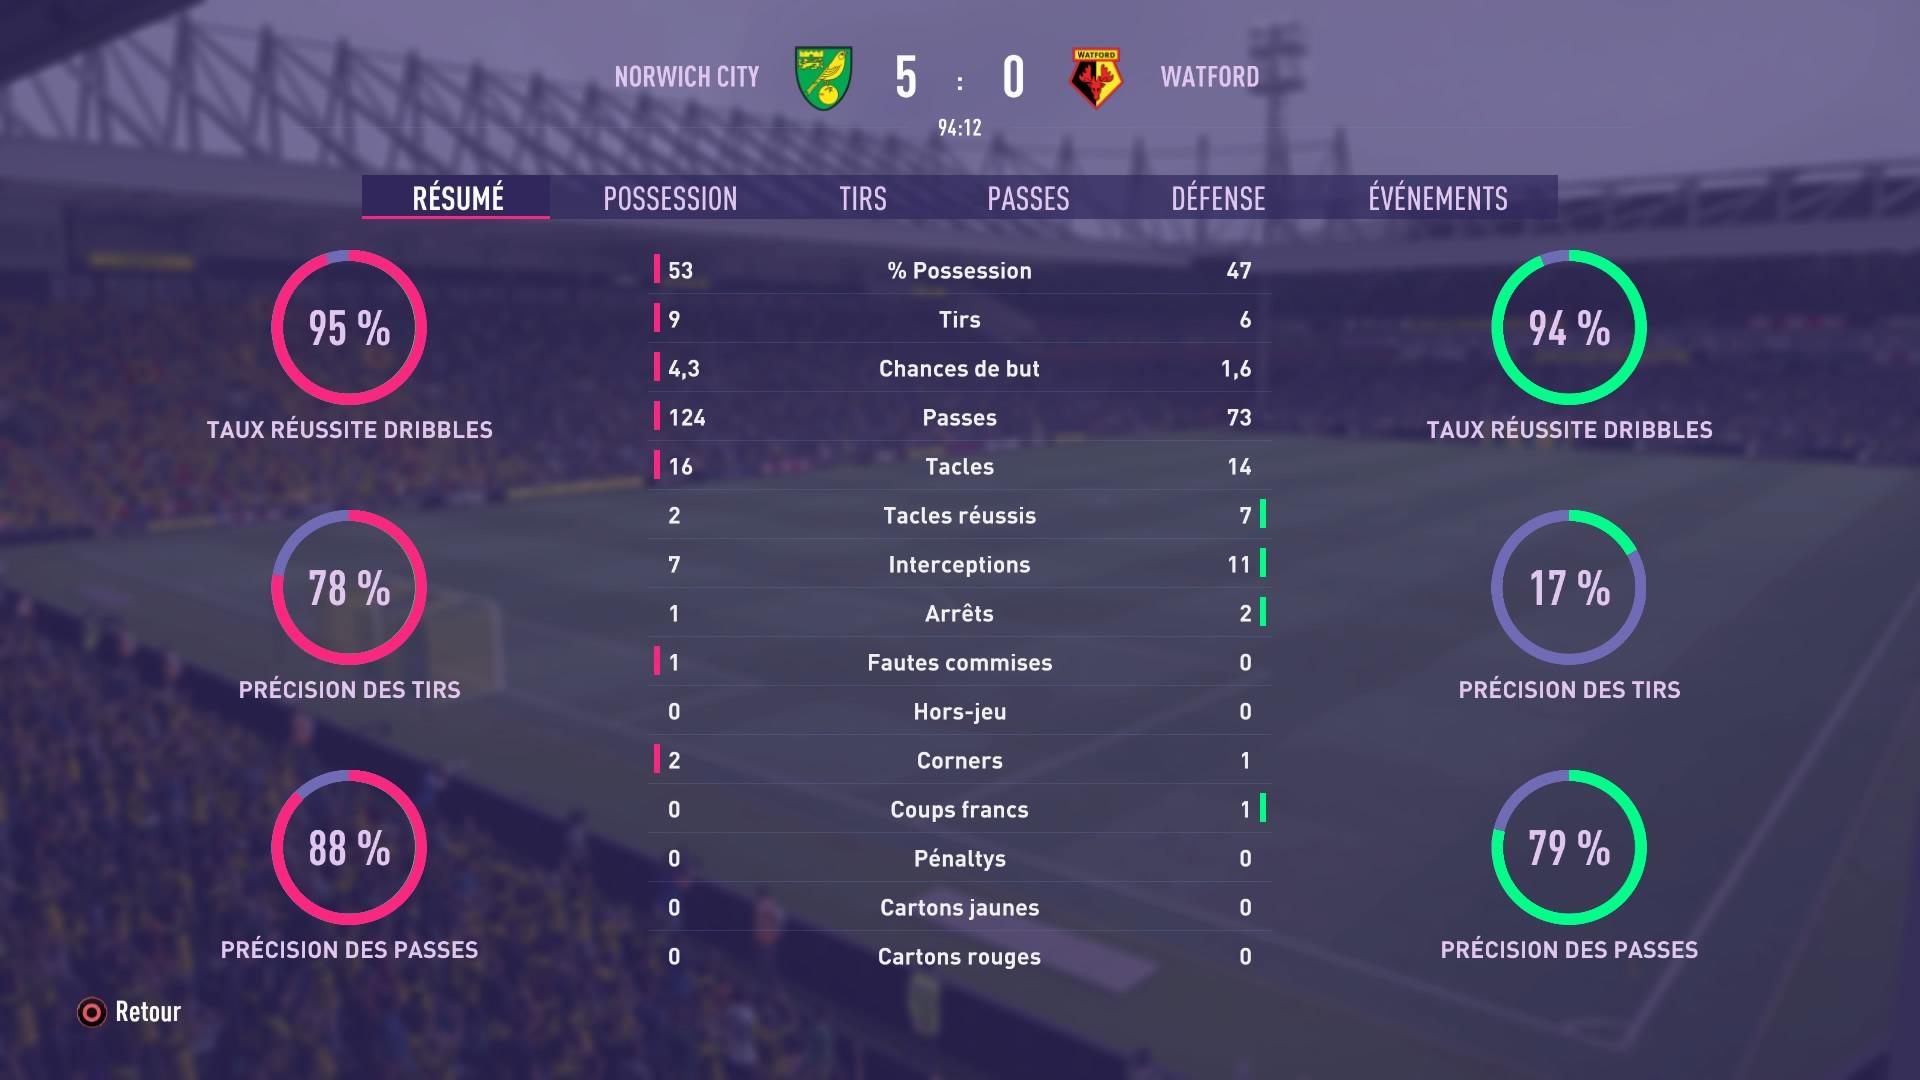 [FIFA 22] Story | Les Canaries à l'aube d'une nouvelle ère Fifa_261